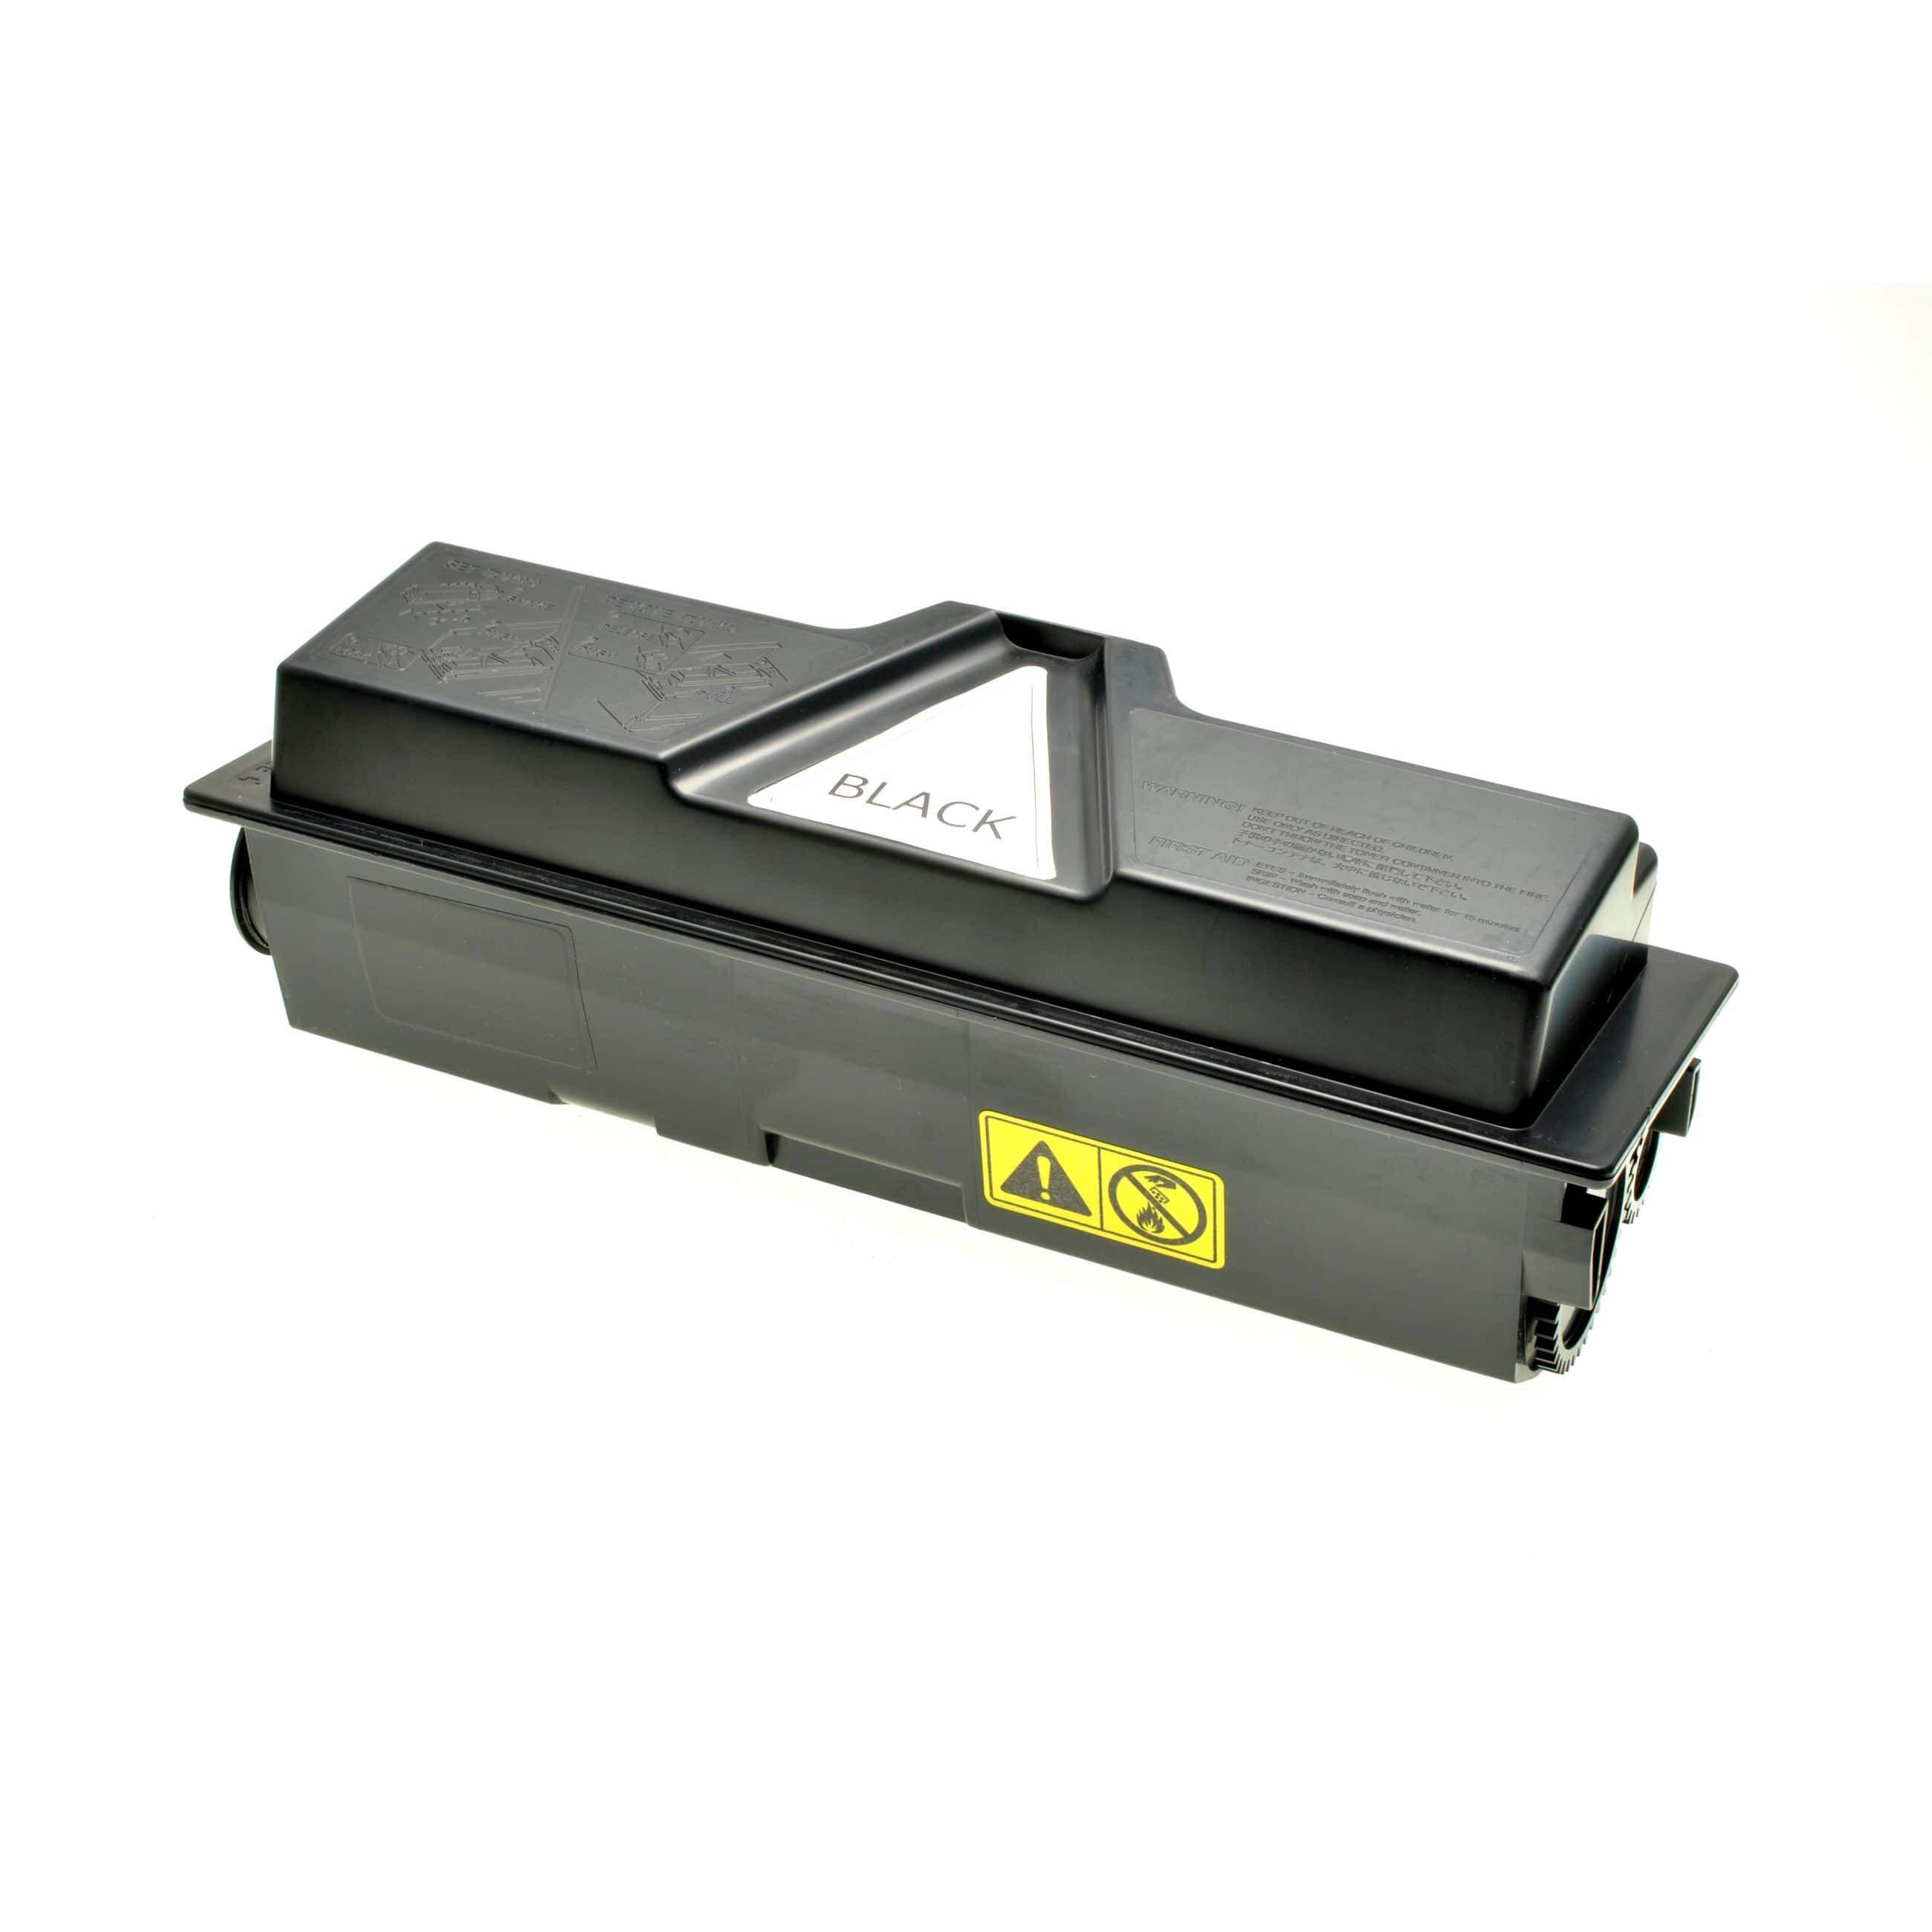 Utax Cartouche de Toner pour Utax 613511010 noir compatible (de marque ASC)